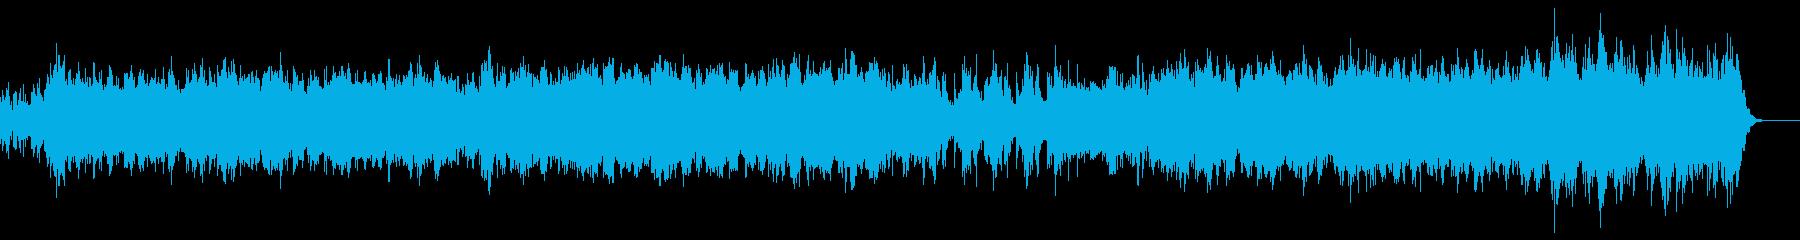 アンビエント系の幻想的なBGMの再生済みの波形